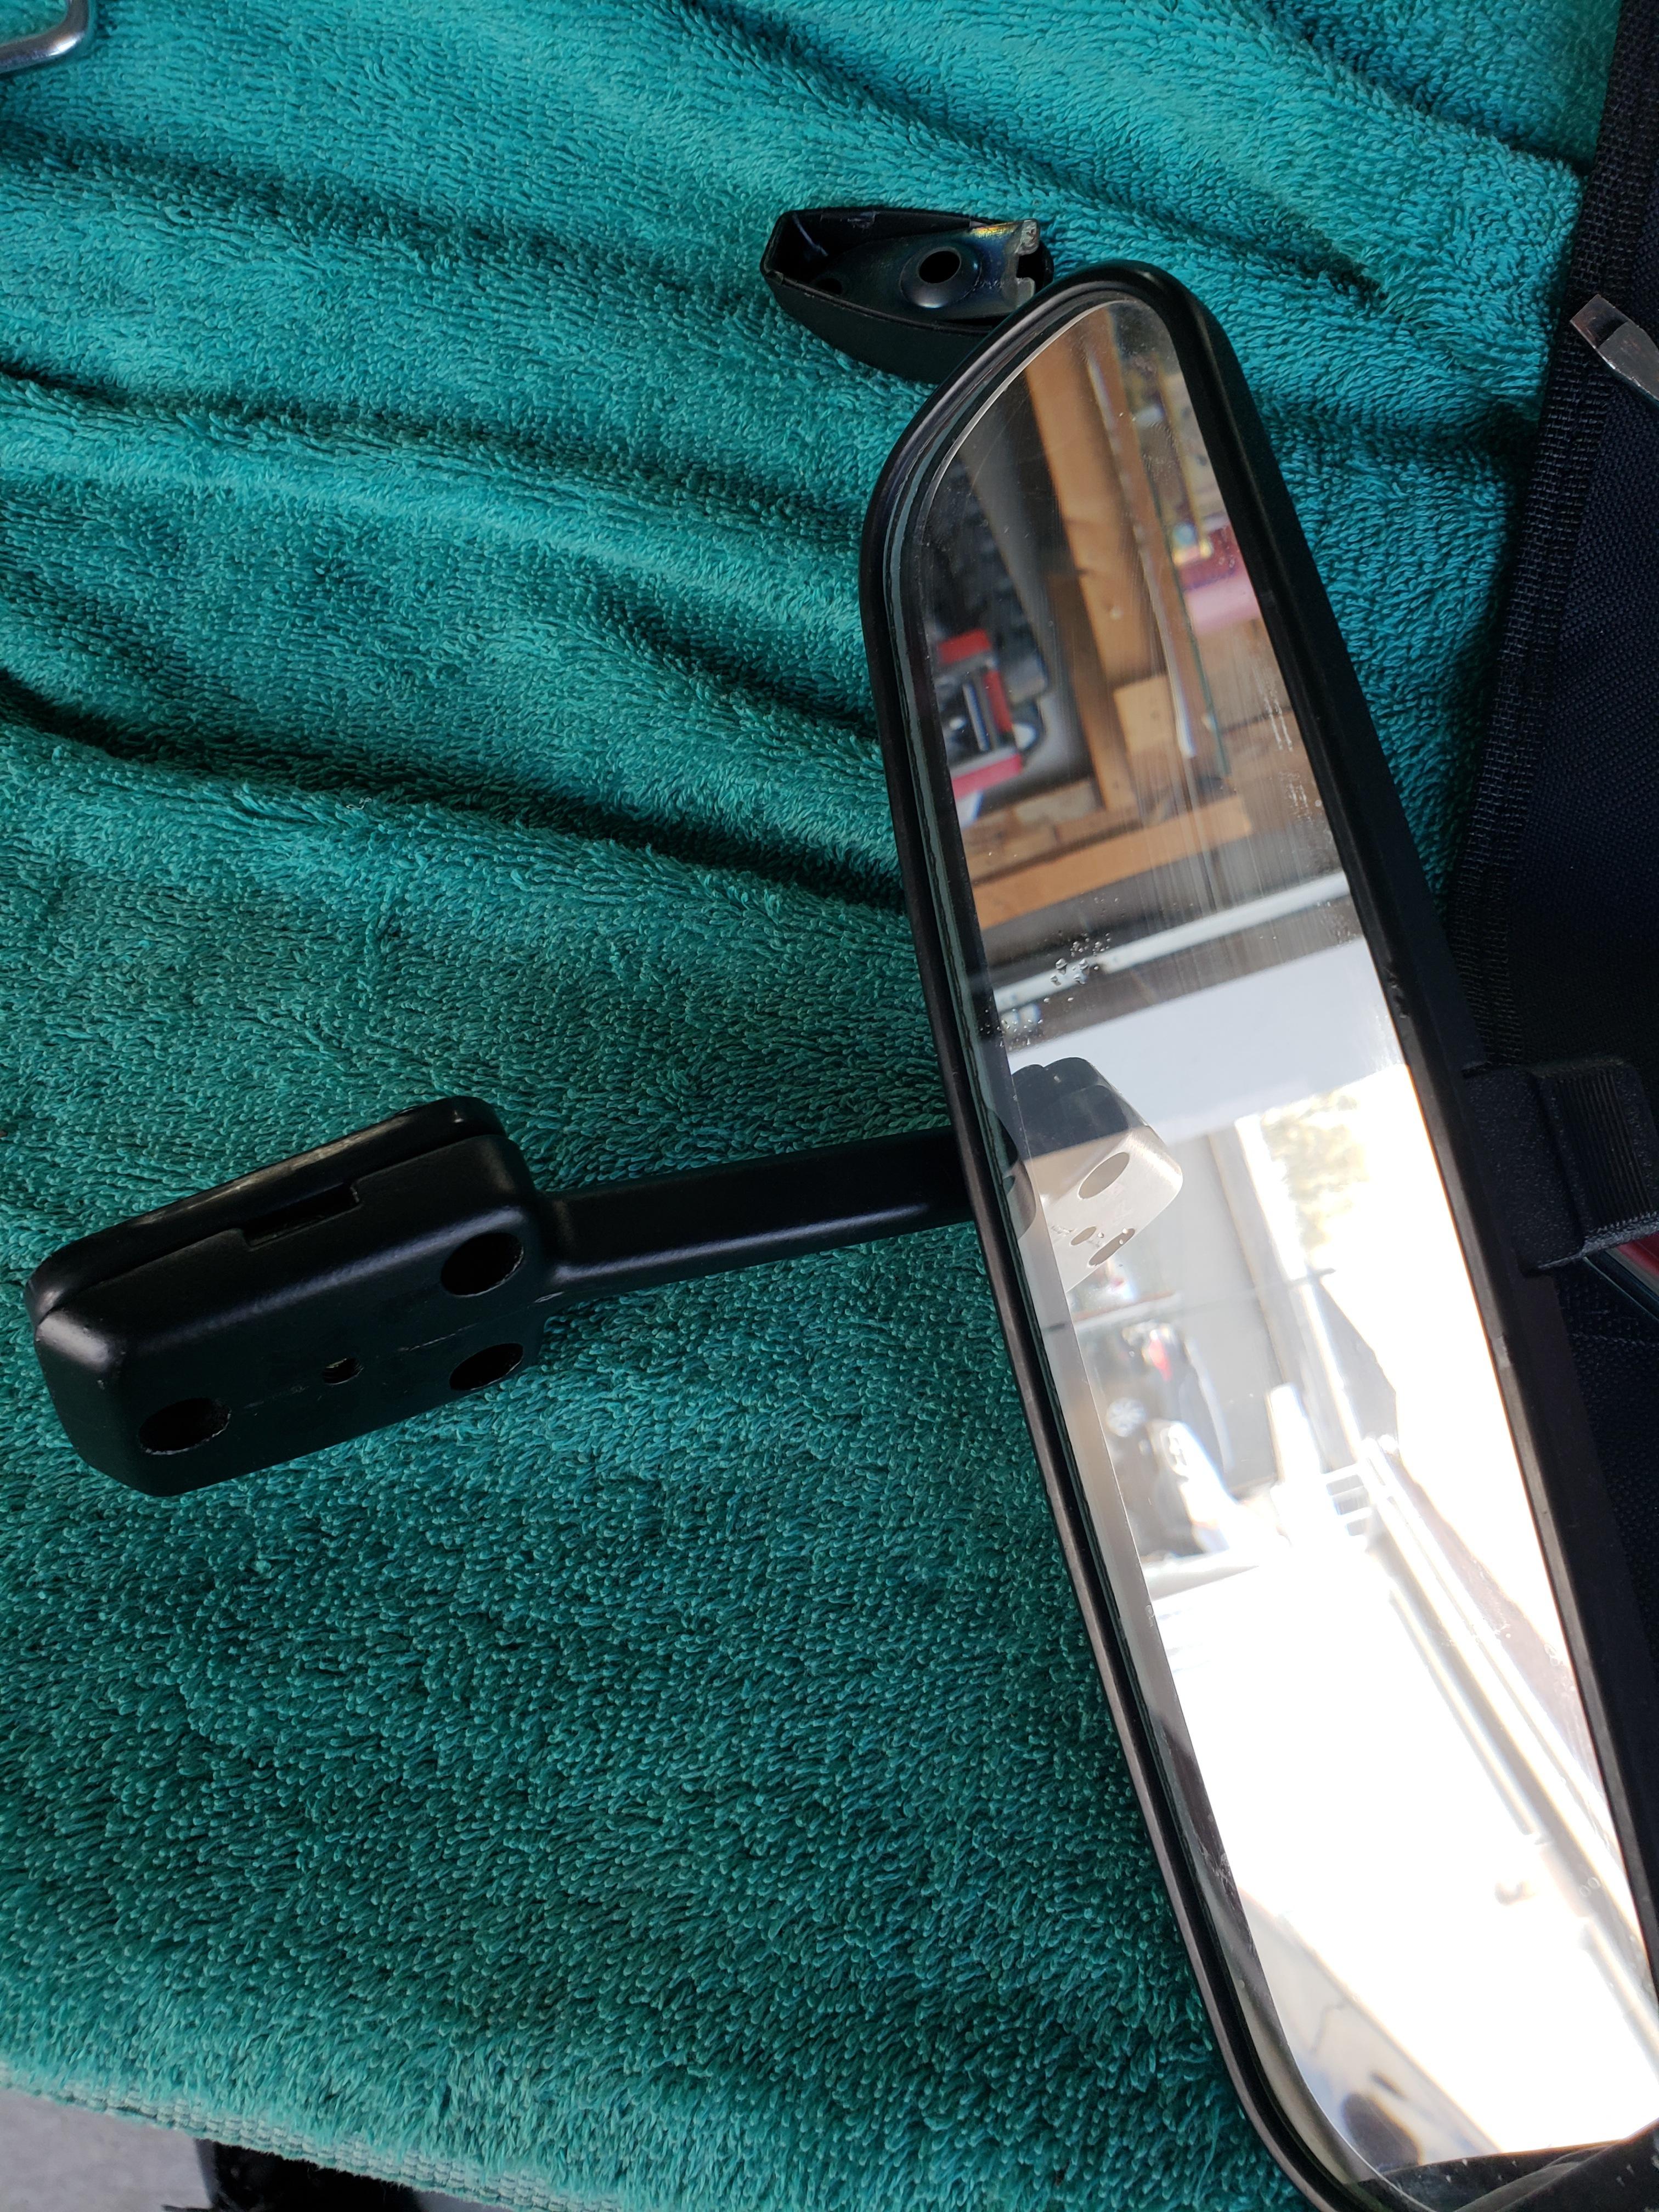 fix loose rear mirror